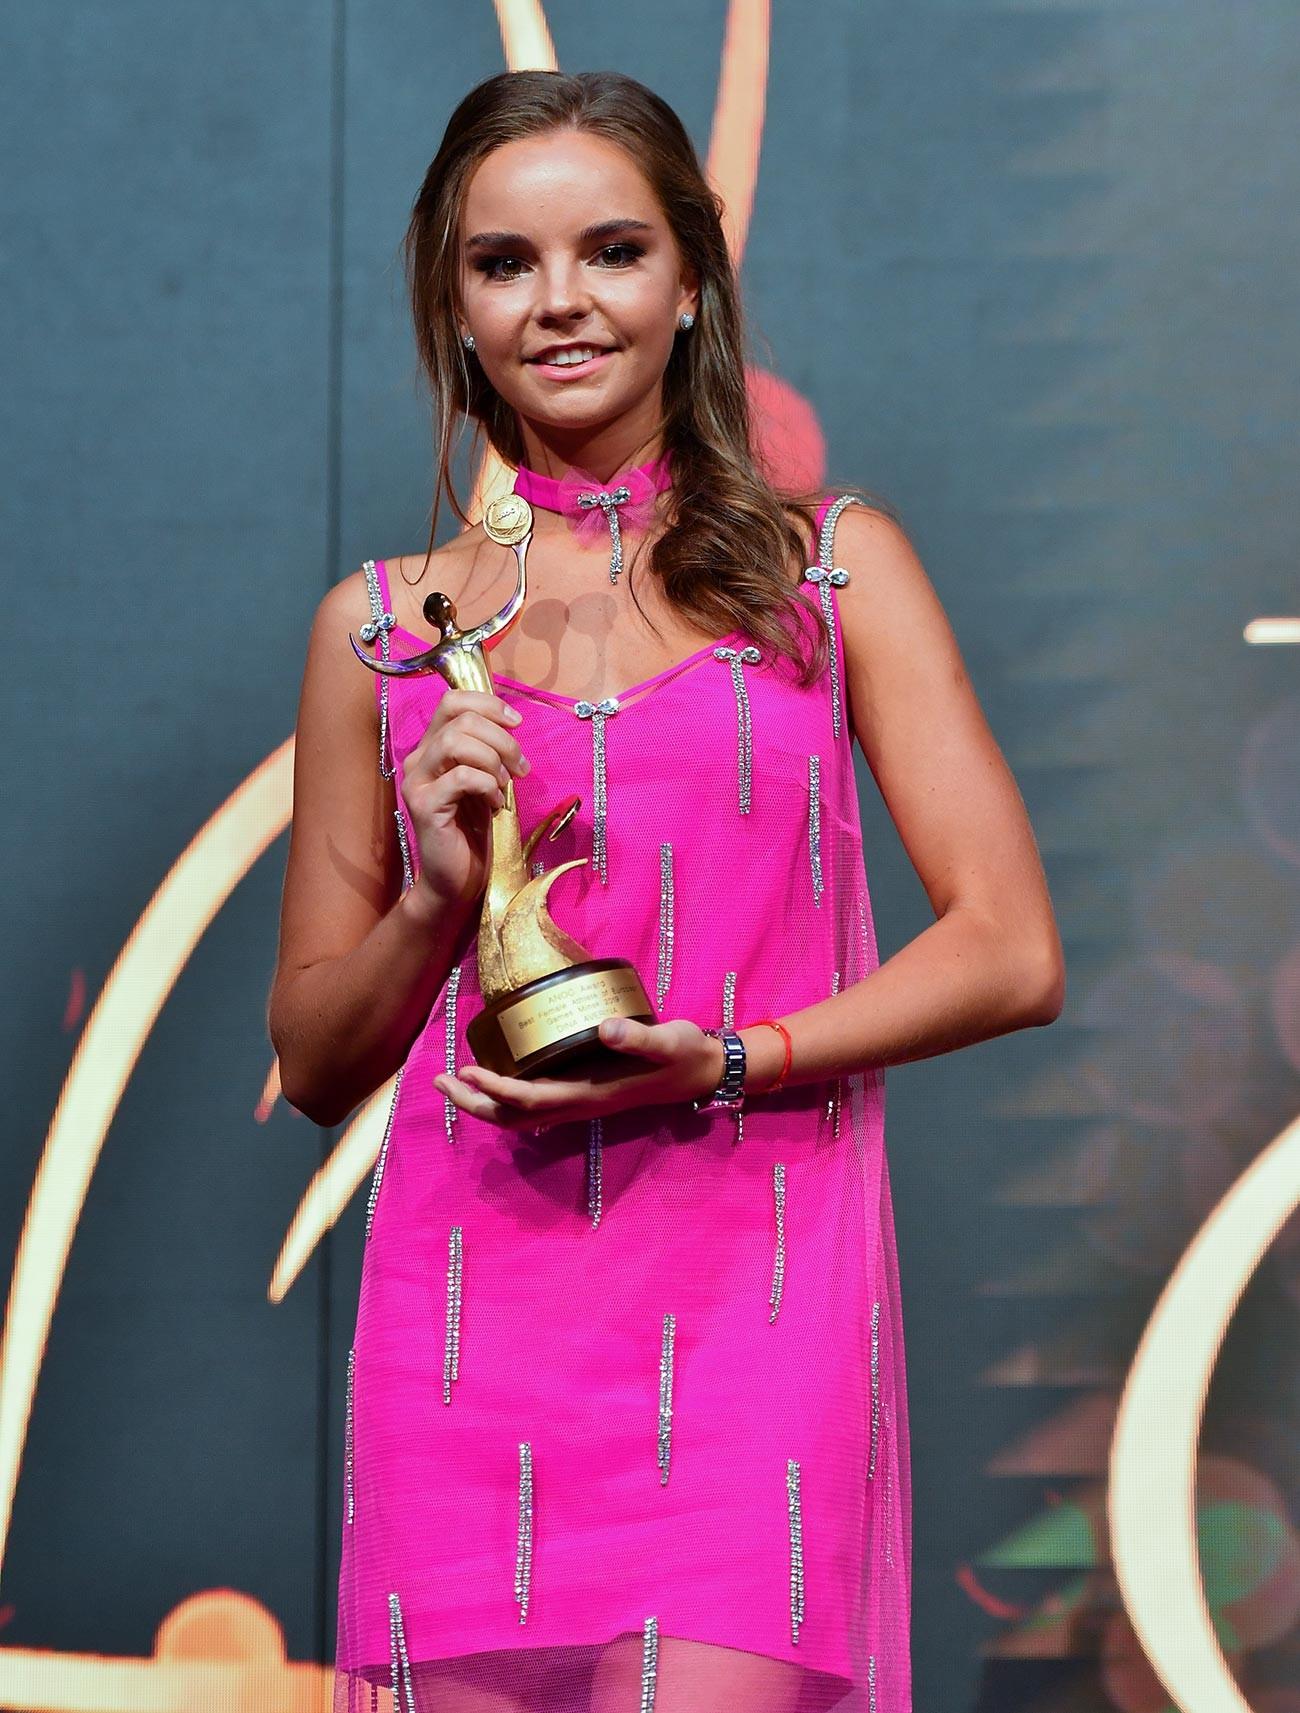 Dina Averina venant de remporter le prix de la Meilleure athlète féminine aux Jeux européens 2019